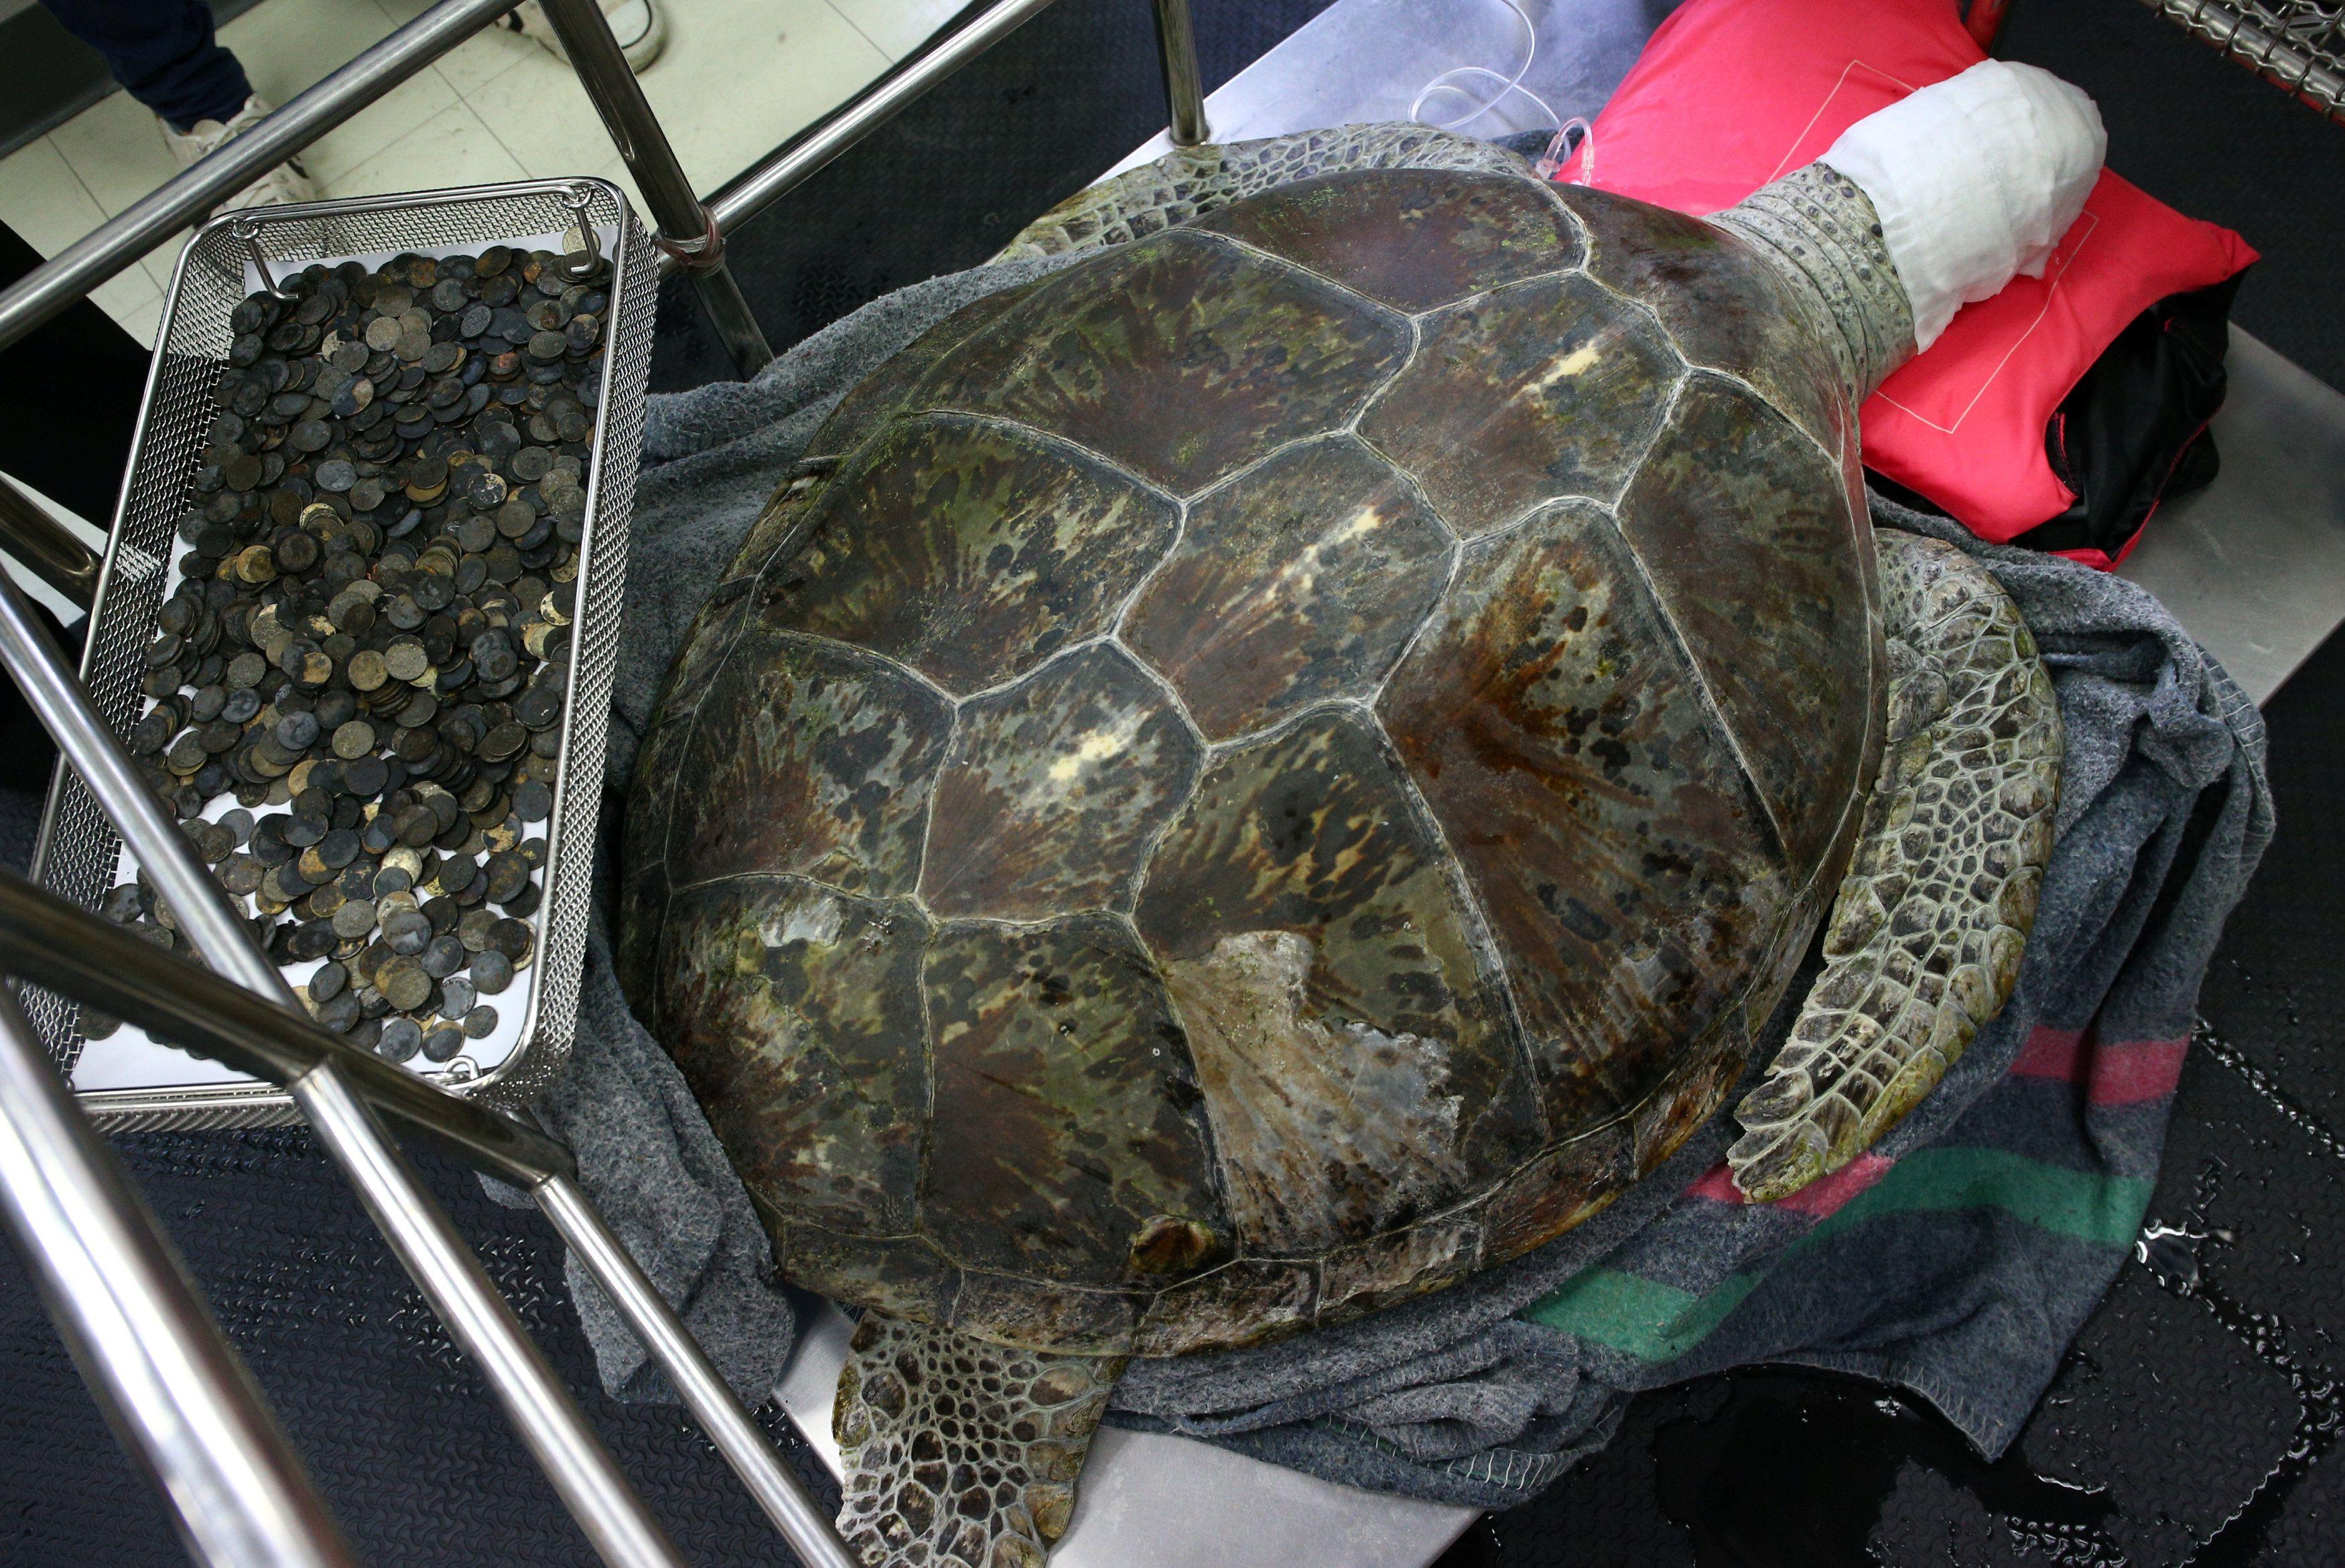 Tartaruga que engoliu quase mil moedas morre na Tailândia